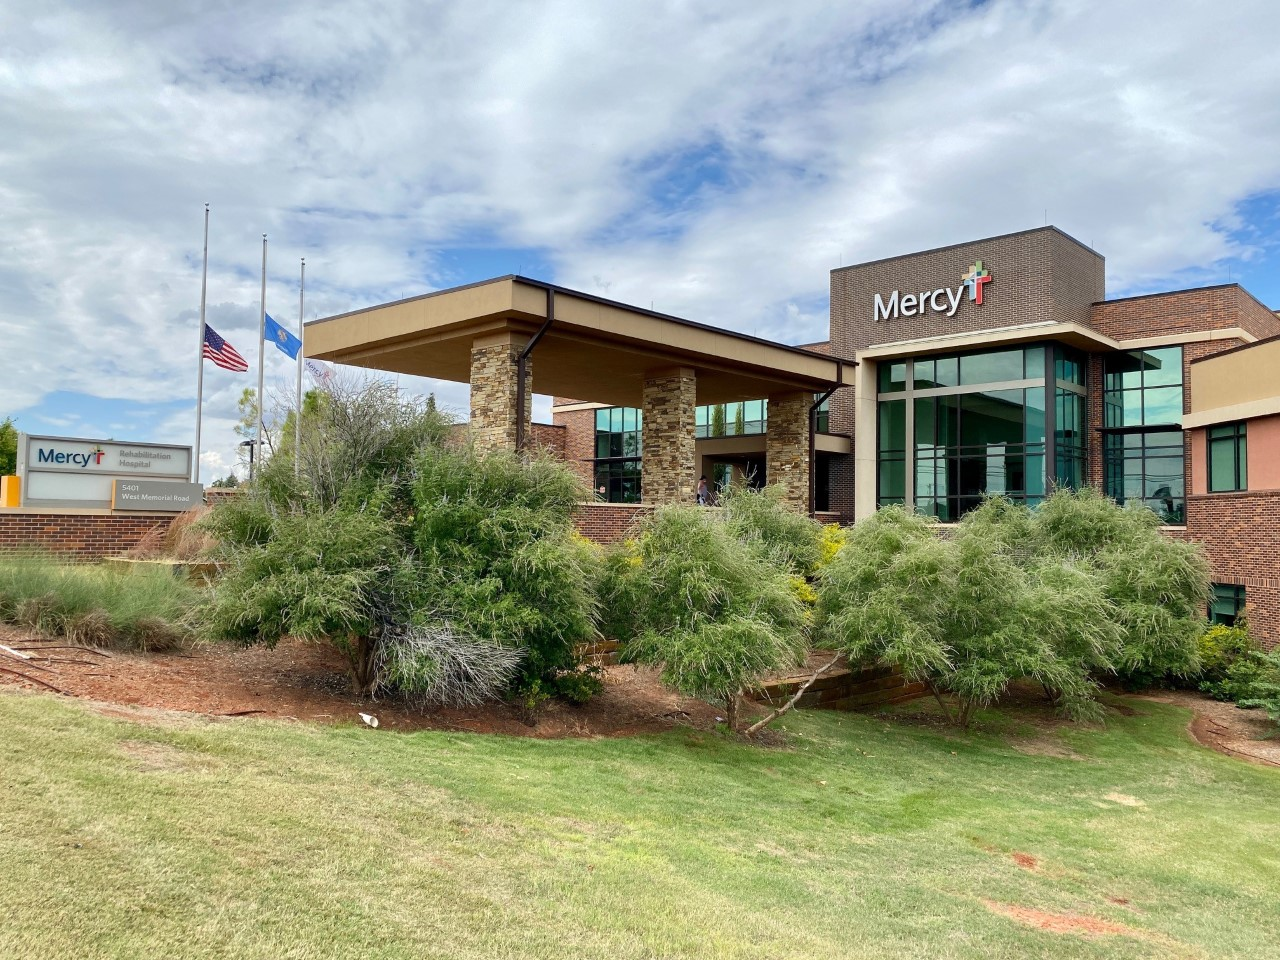 Mercy rehabilitation hospital